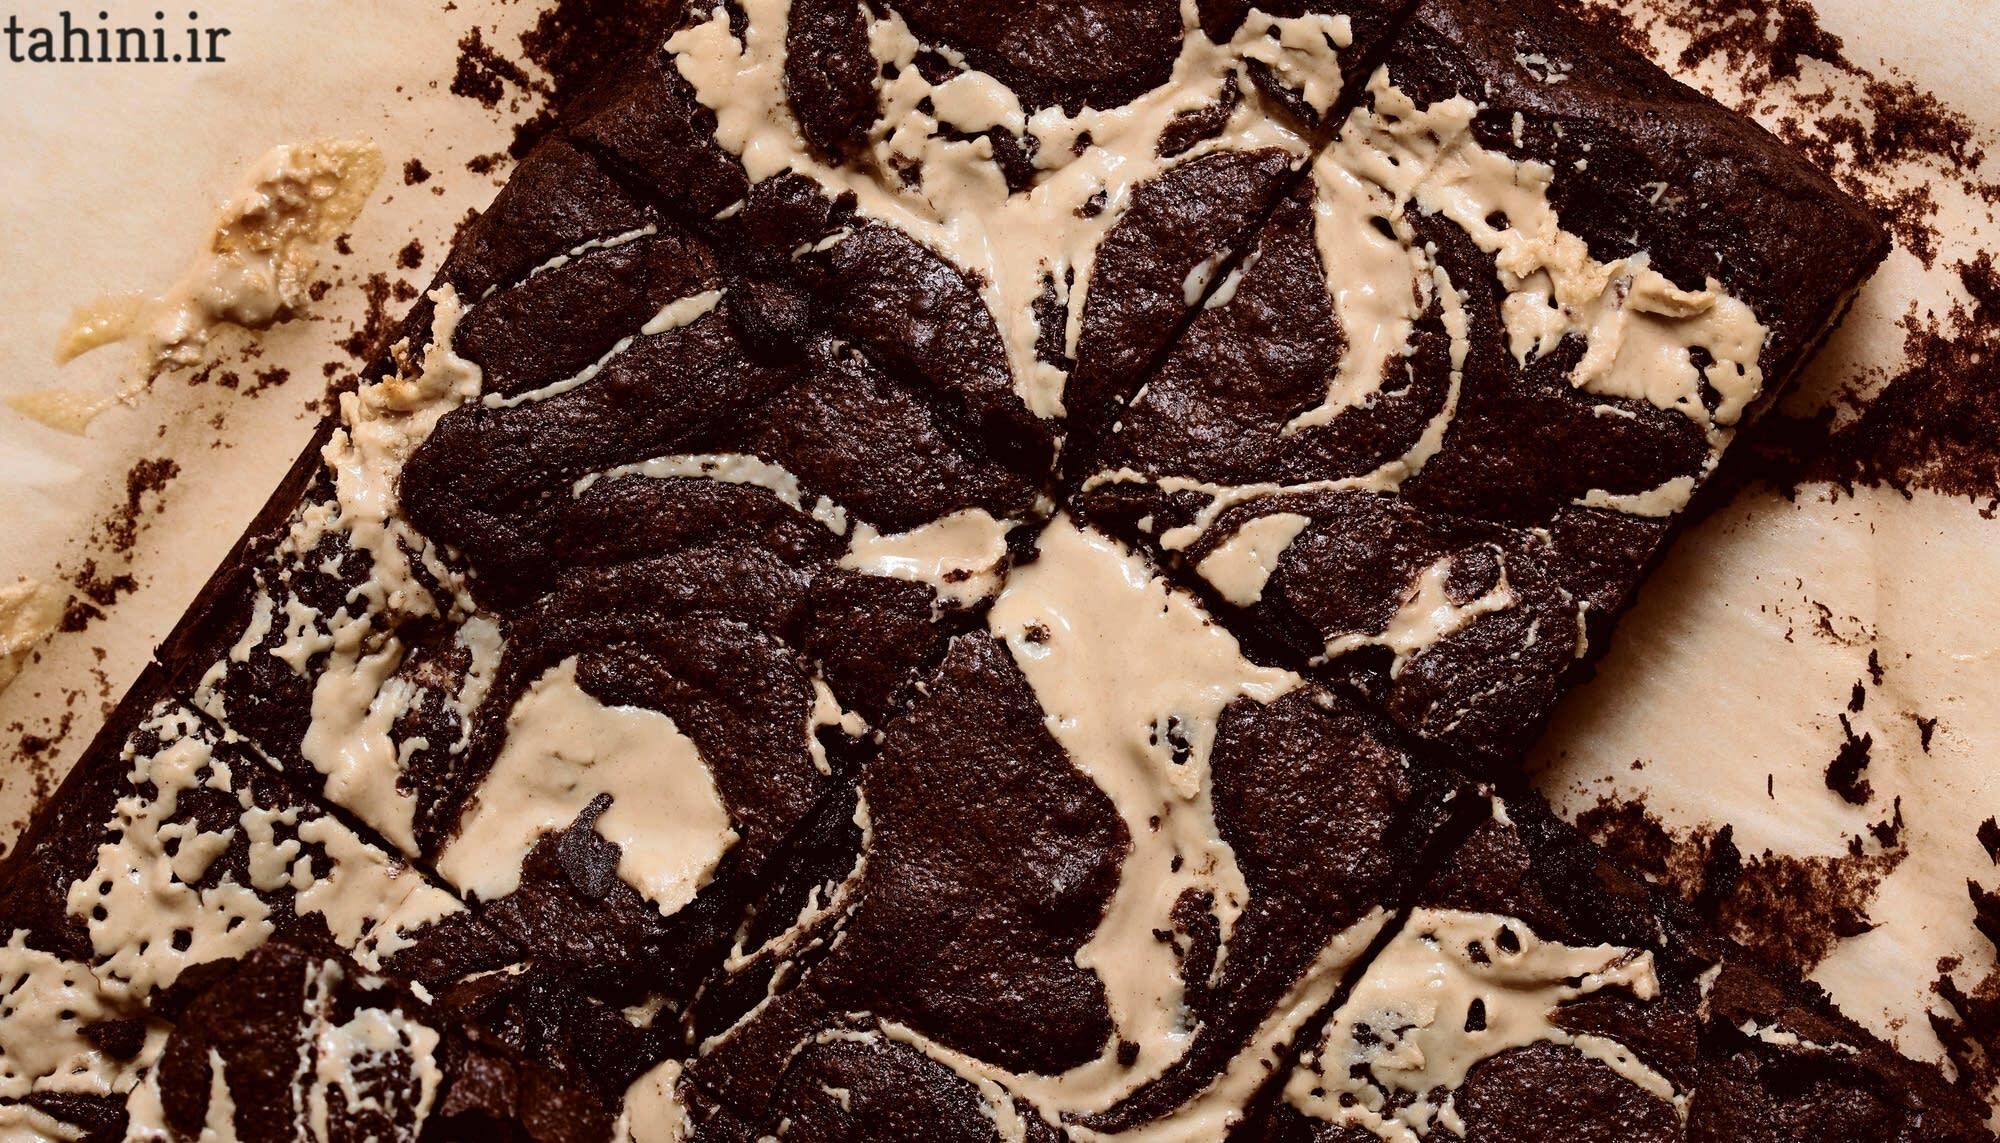 حلوا ارده شکلاتی